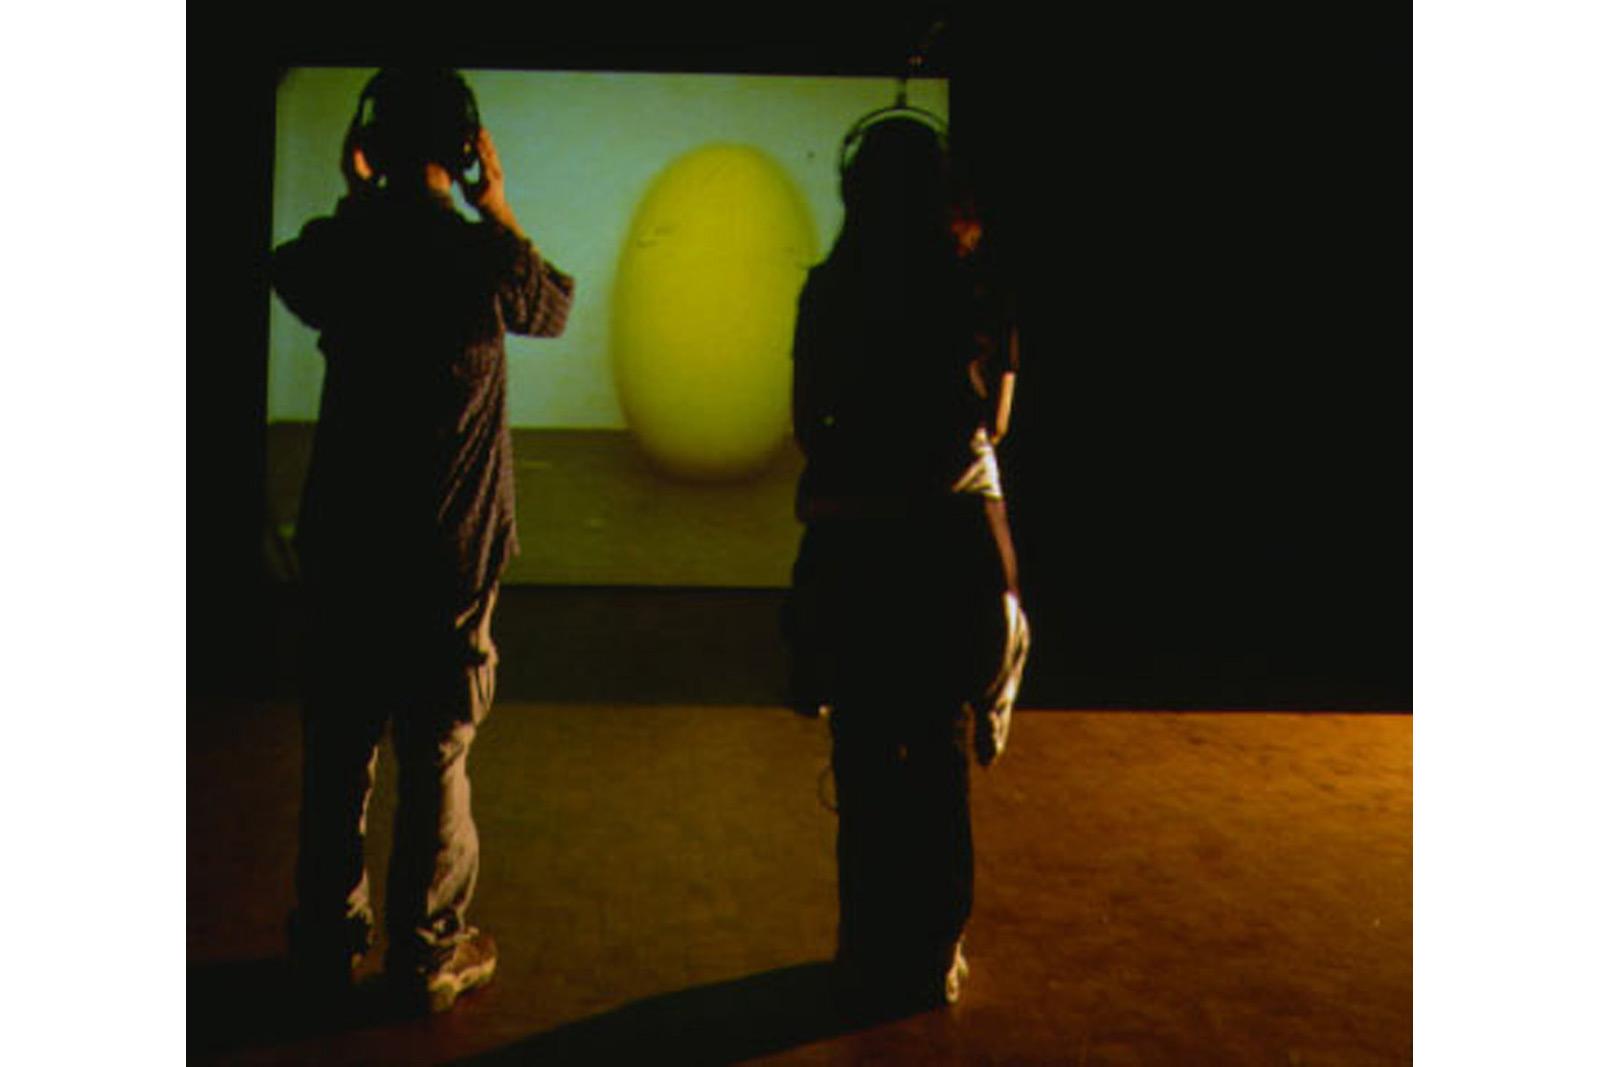 artist dancing inside a yellow airballoon, videoinstallation ZKM Karlsruhe